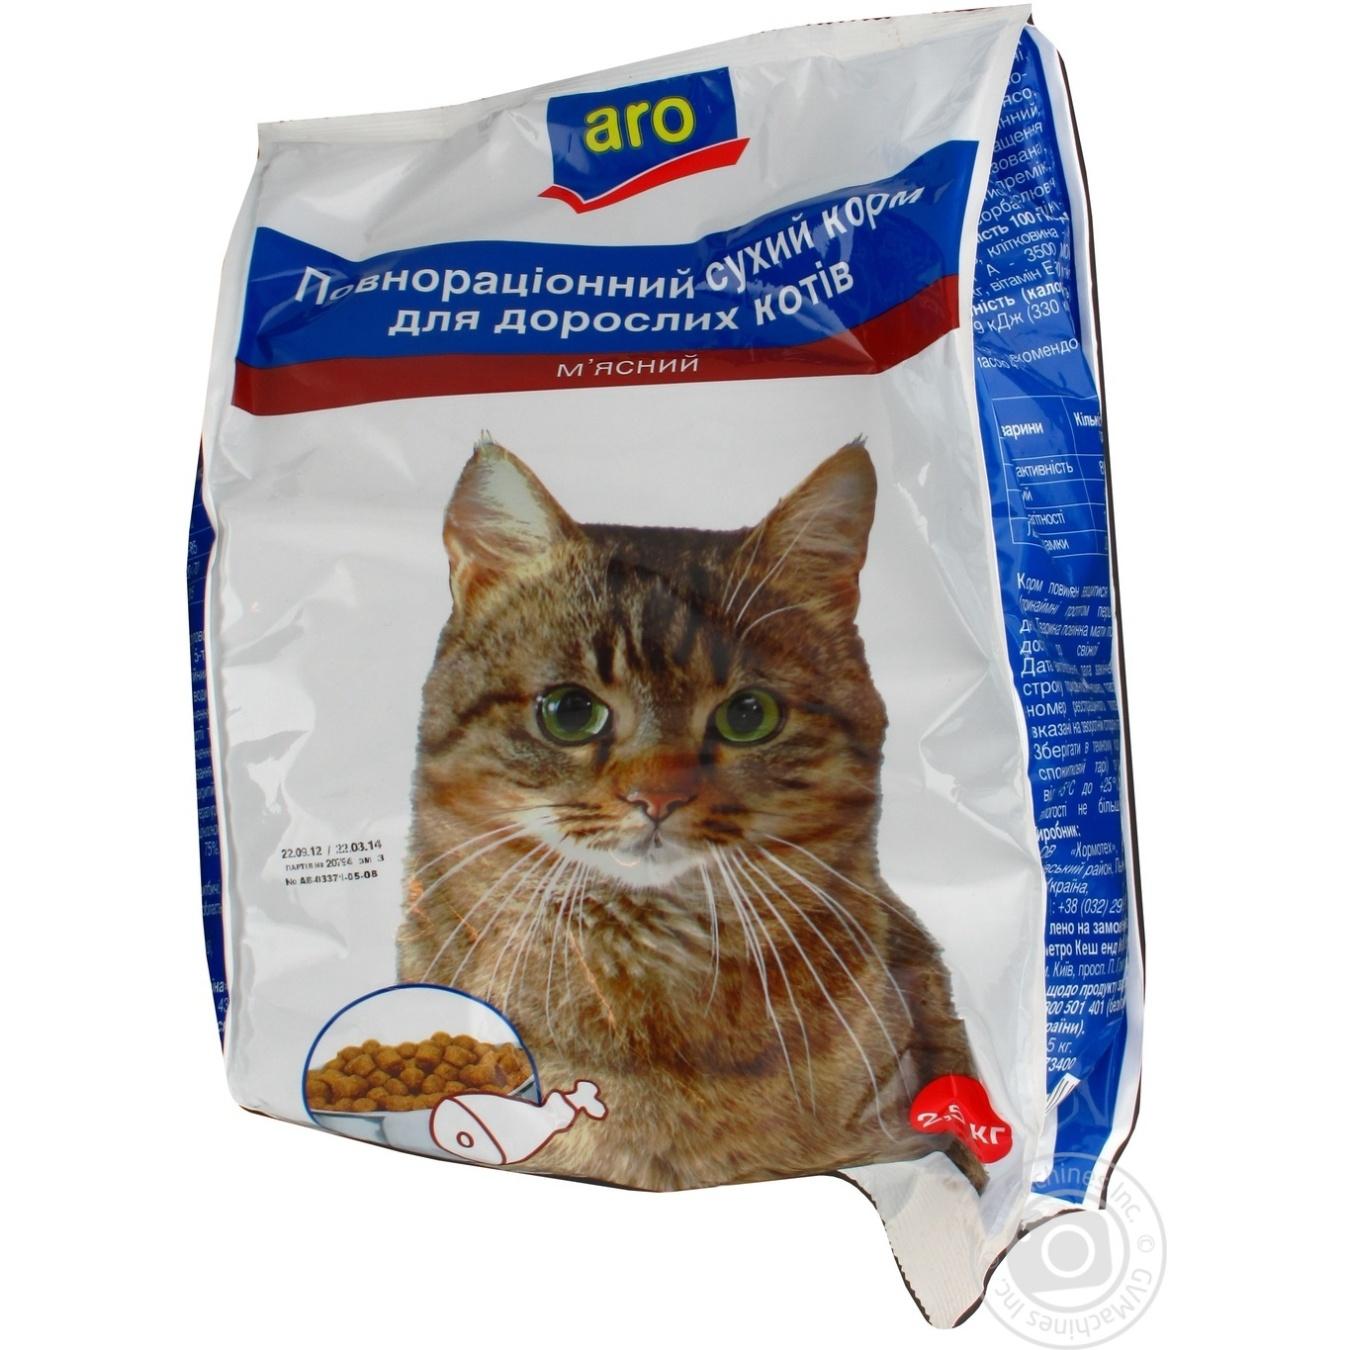 Корм Aro сухой полноценный с мясом для котов 2500г